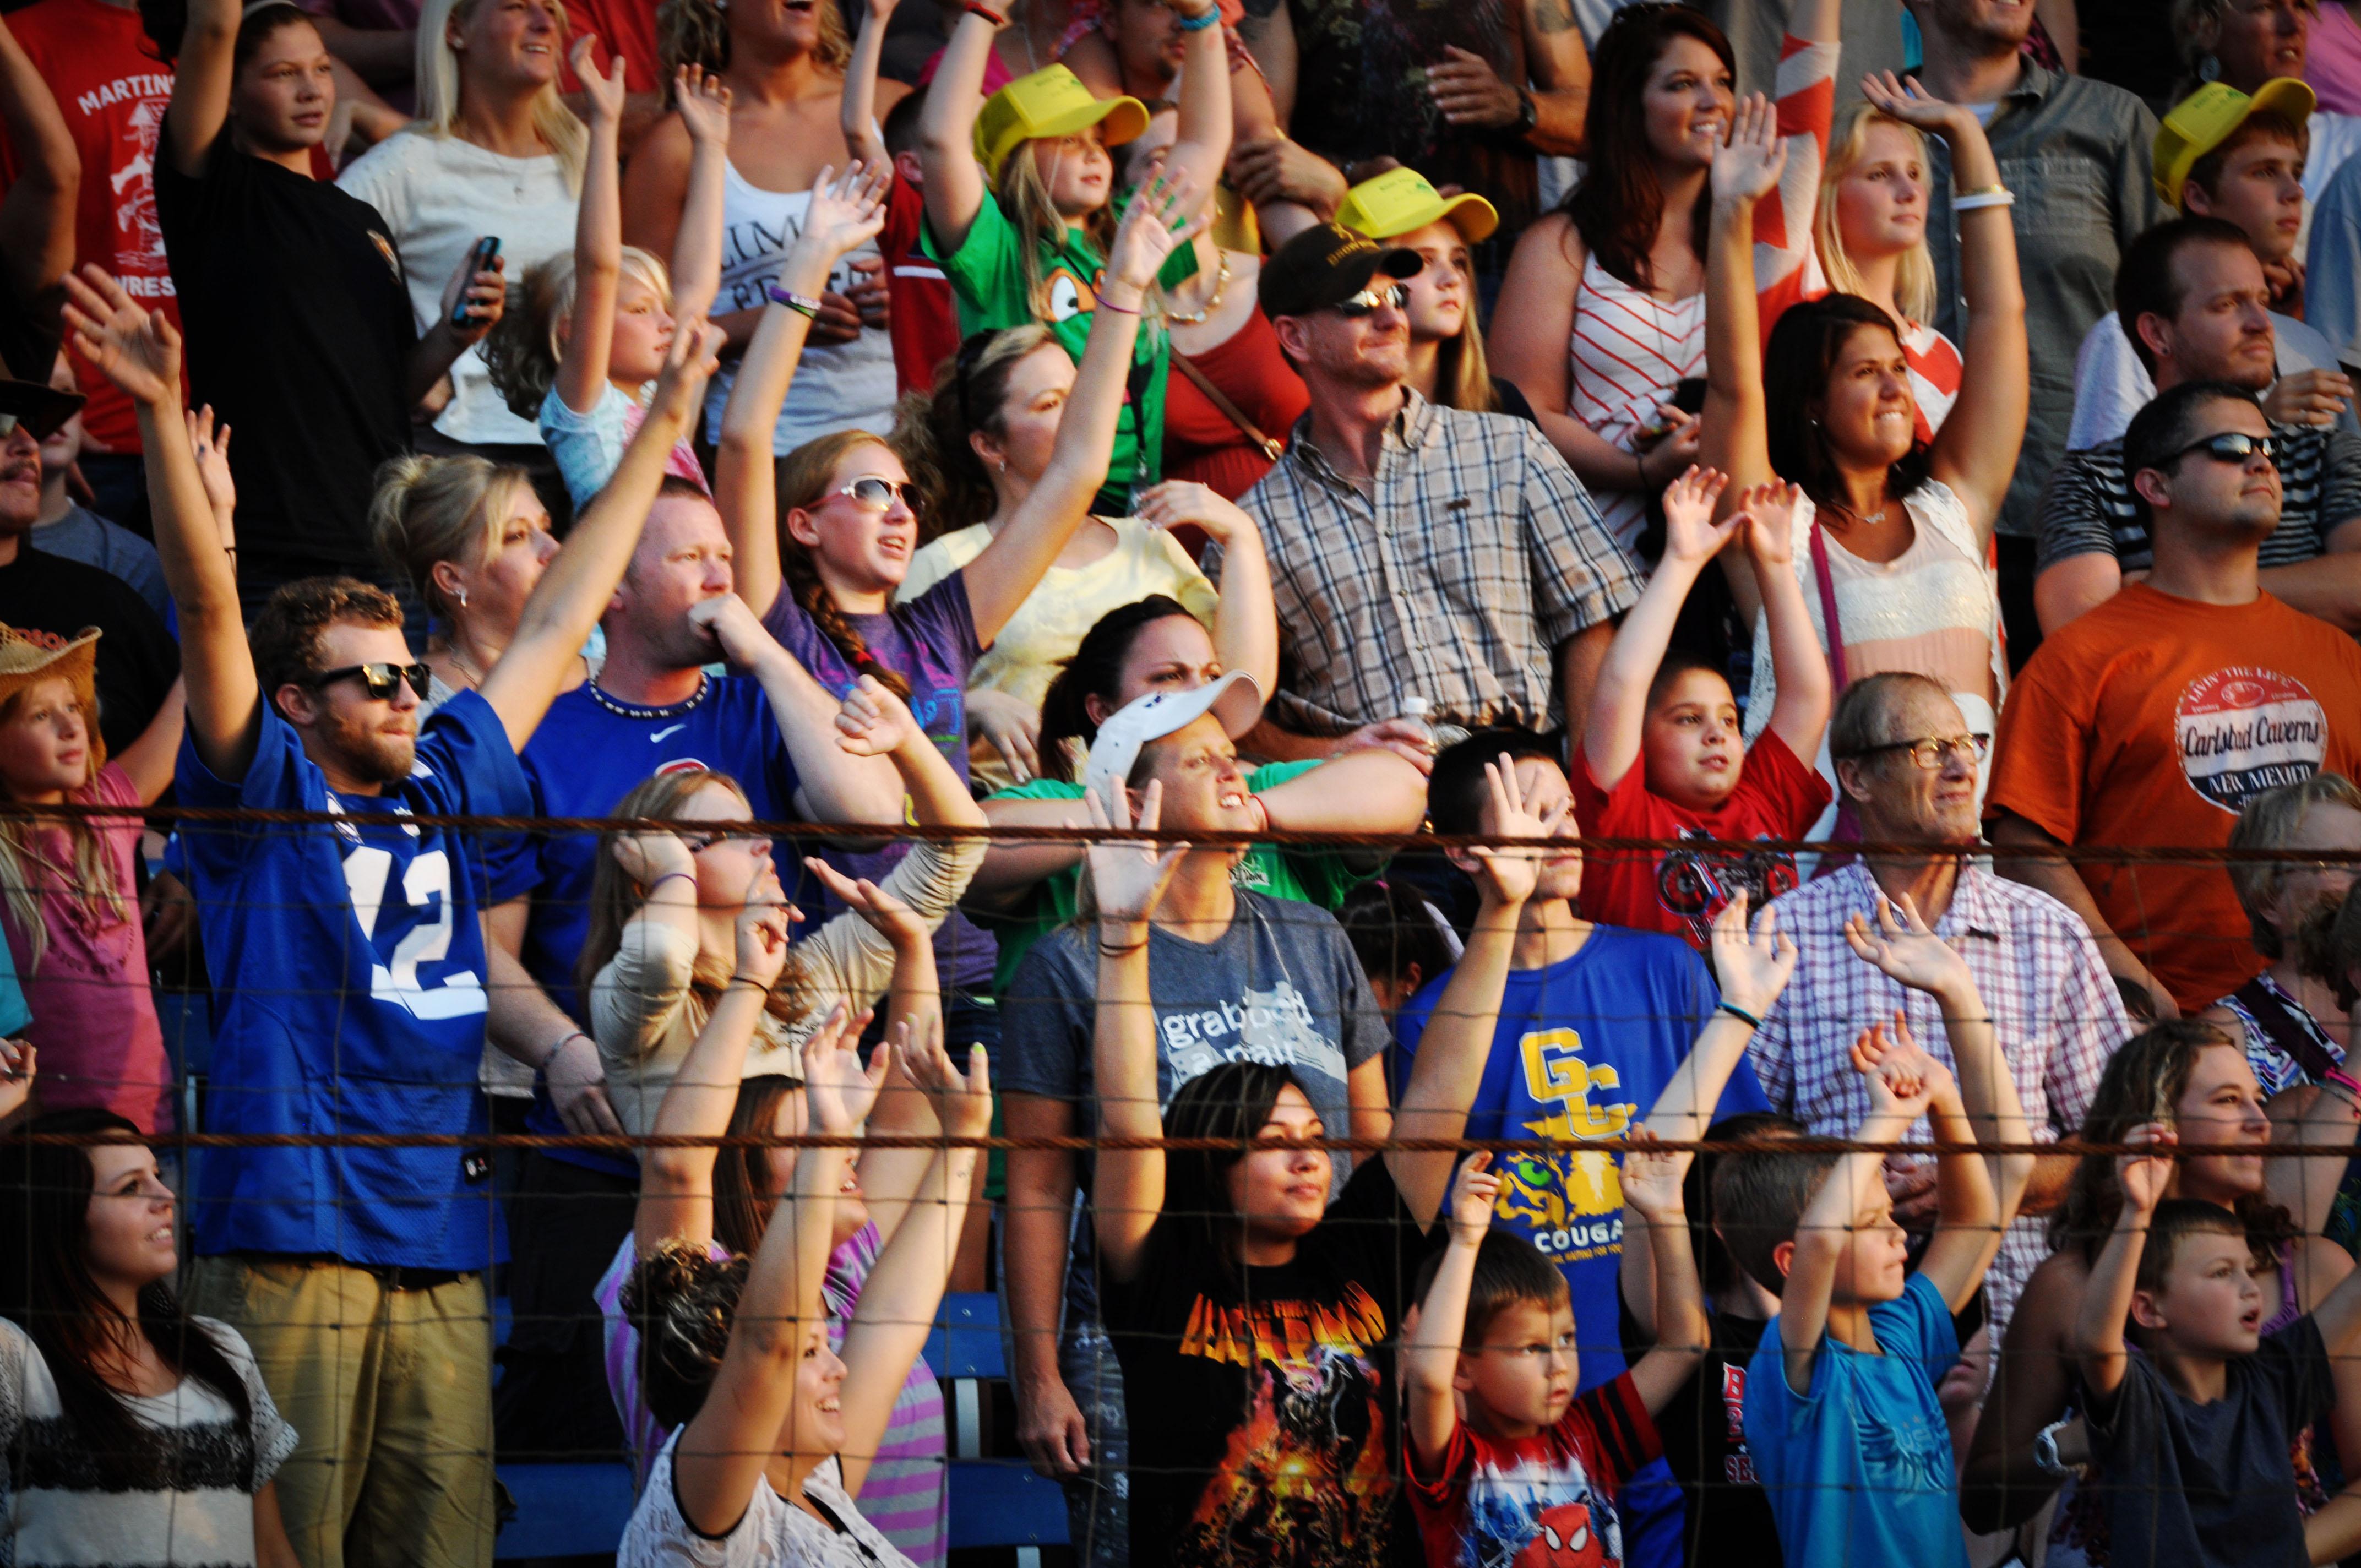 Our fans